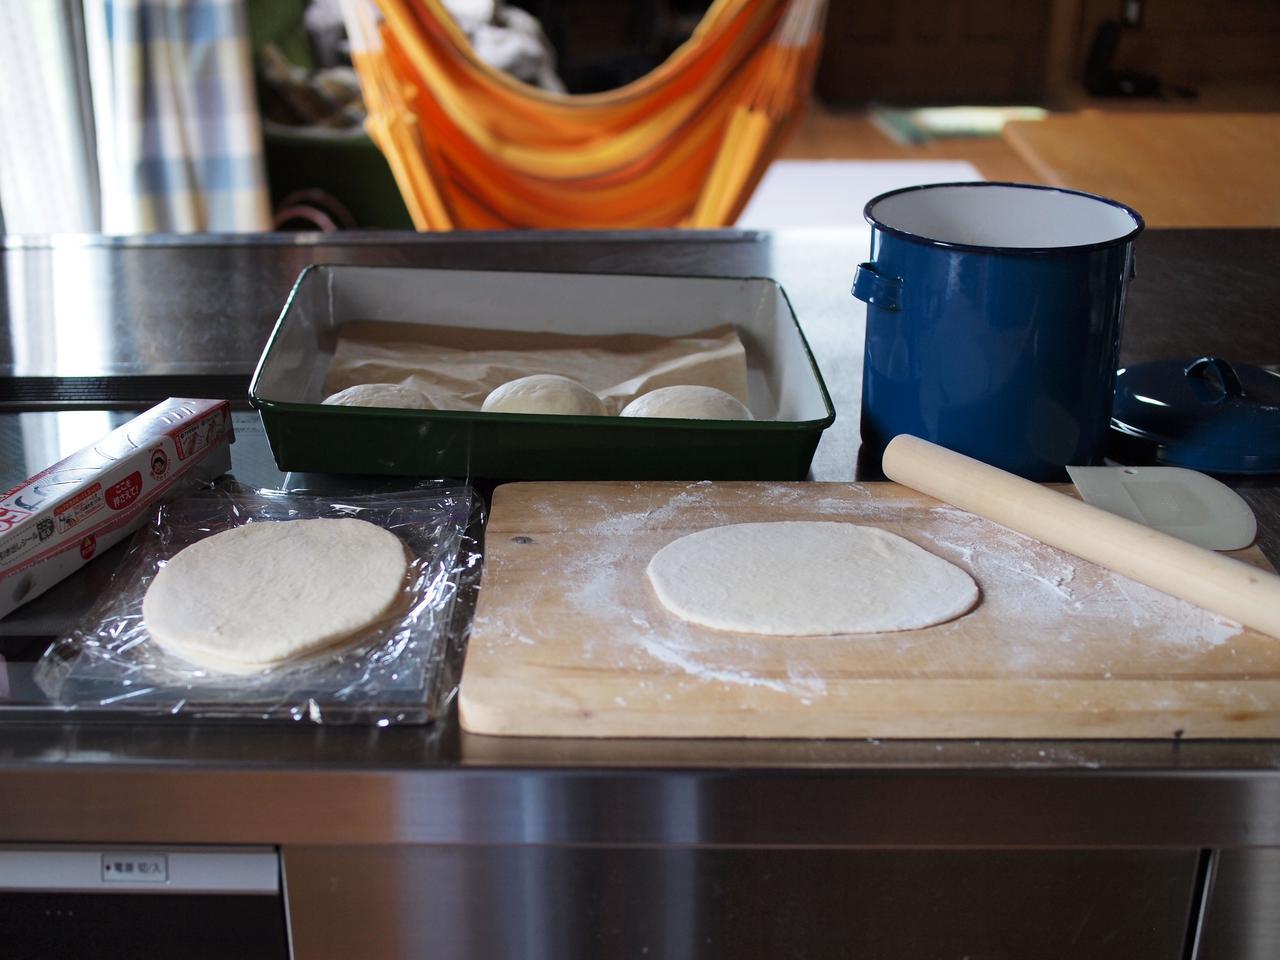 画像: 生地はすべて成形し、1枚ごとにラップを挟んで冷凍ストック。少々形がいびつでも気にしない、気にしない